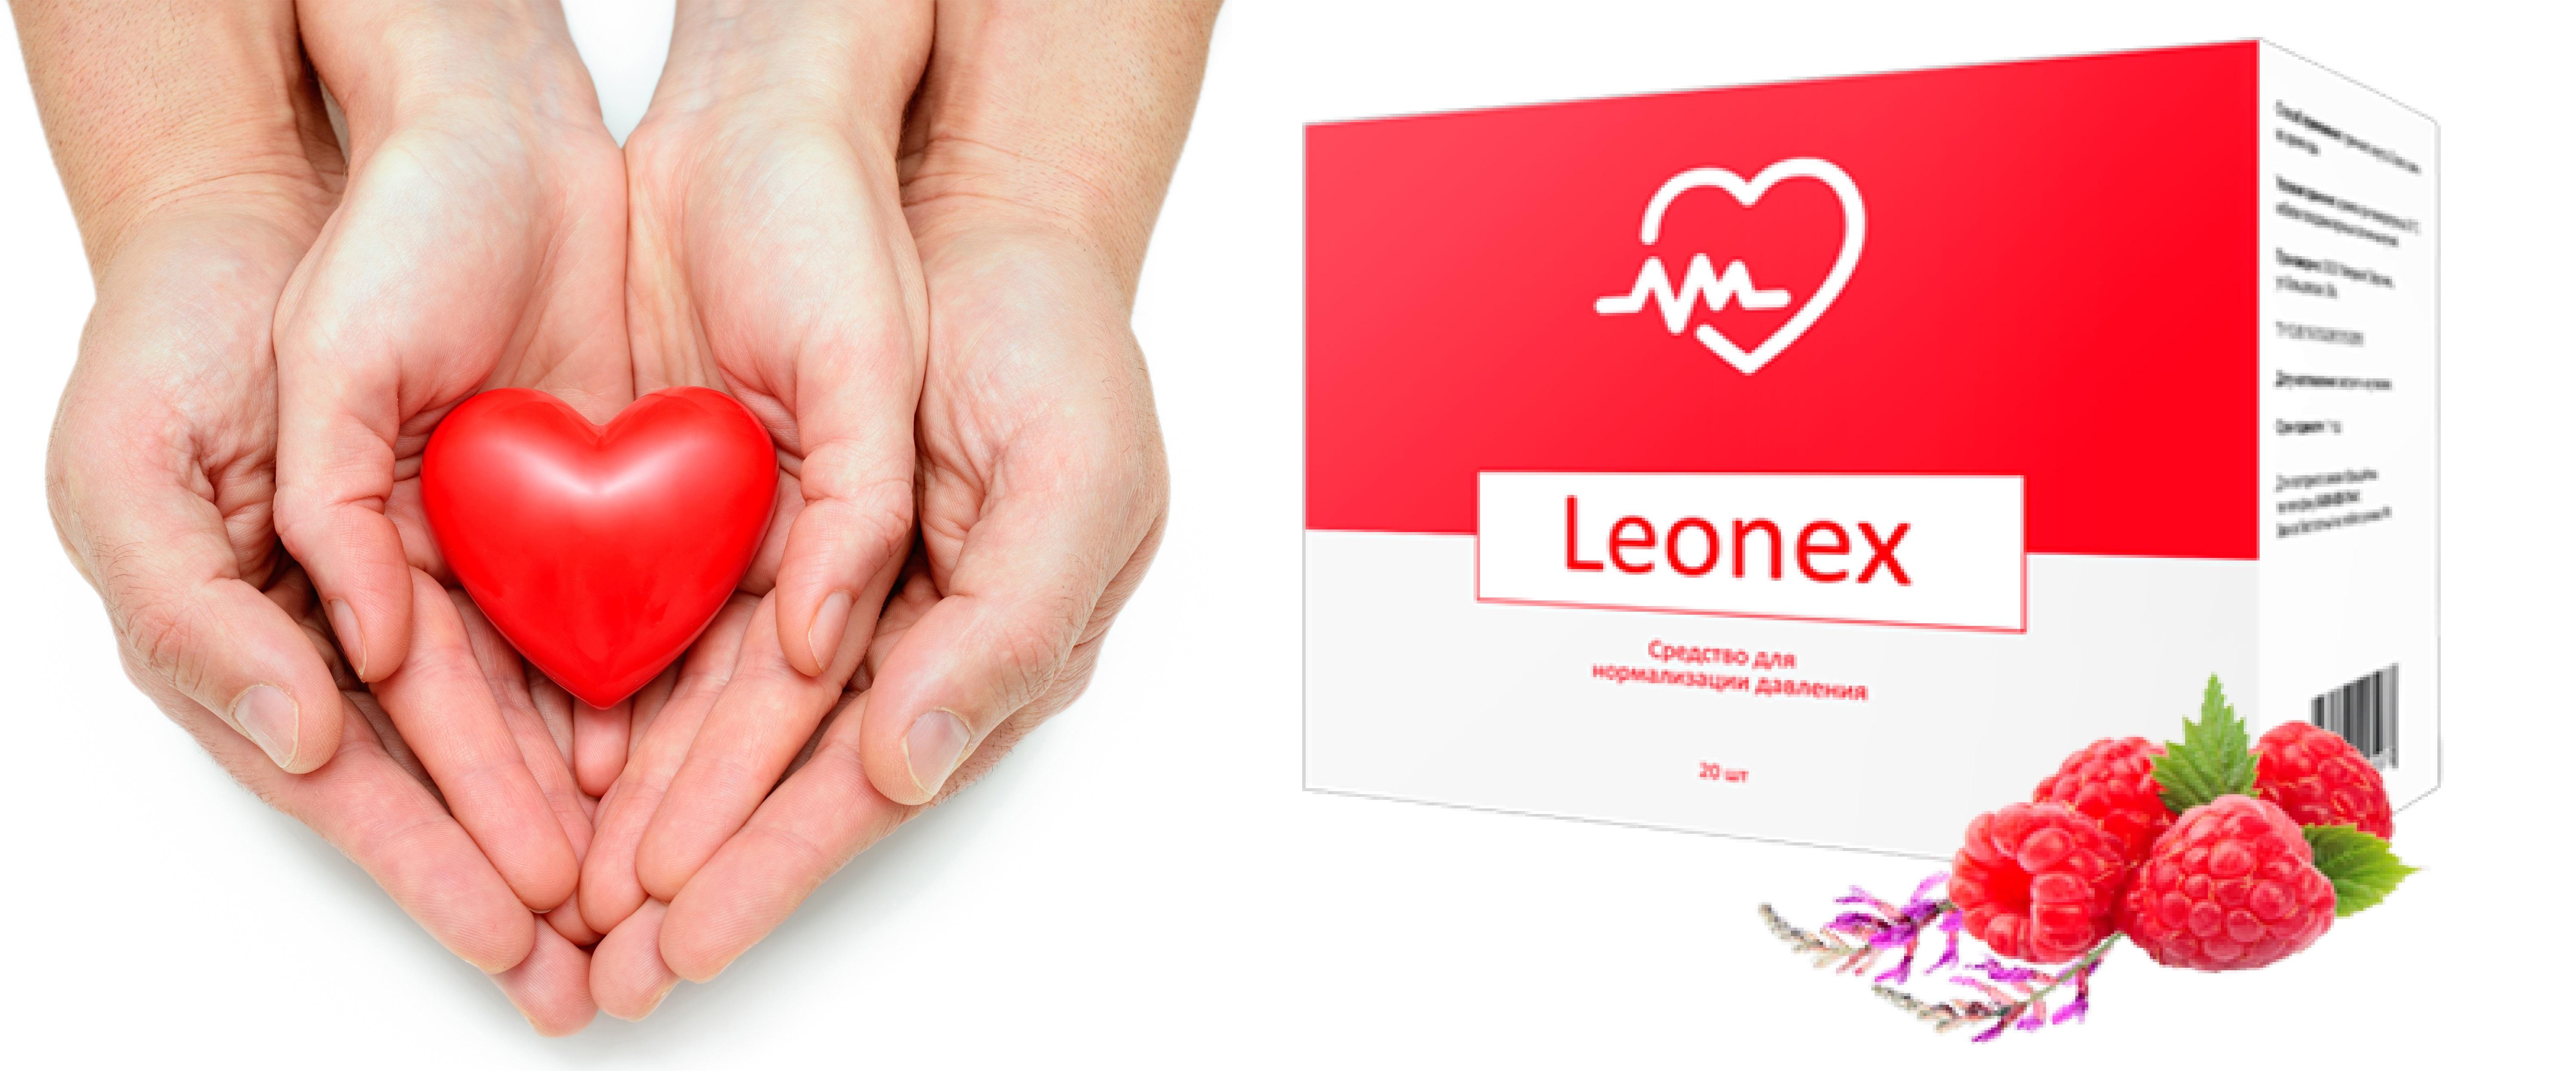 Средство Leonex от гипертонии